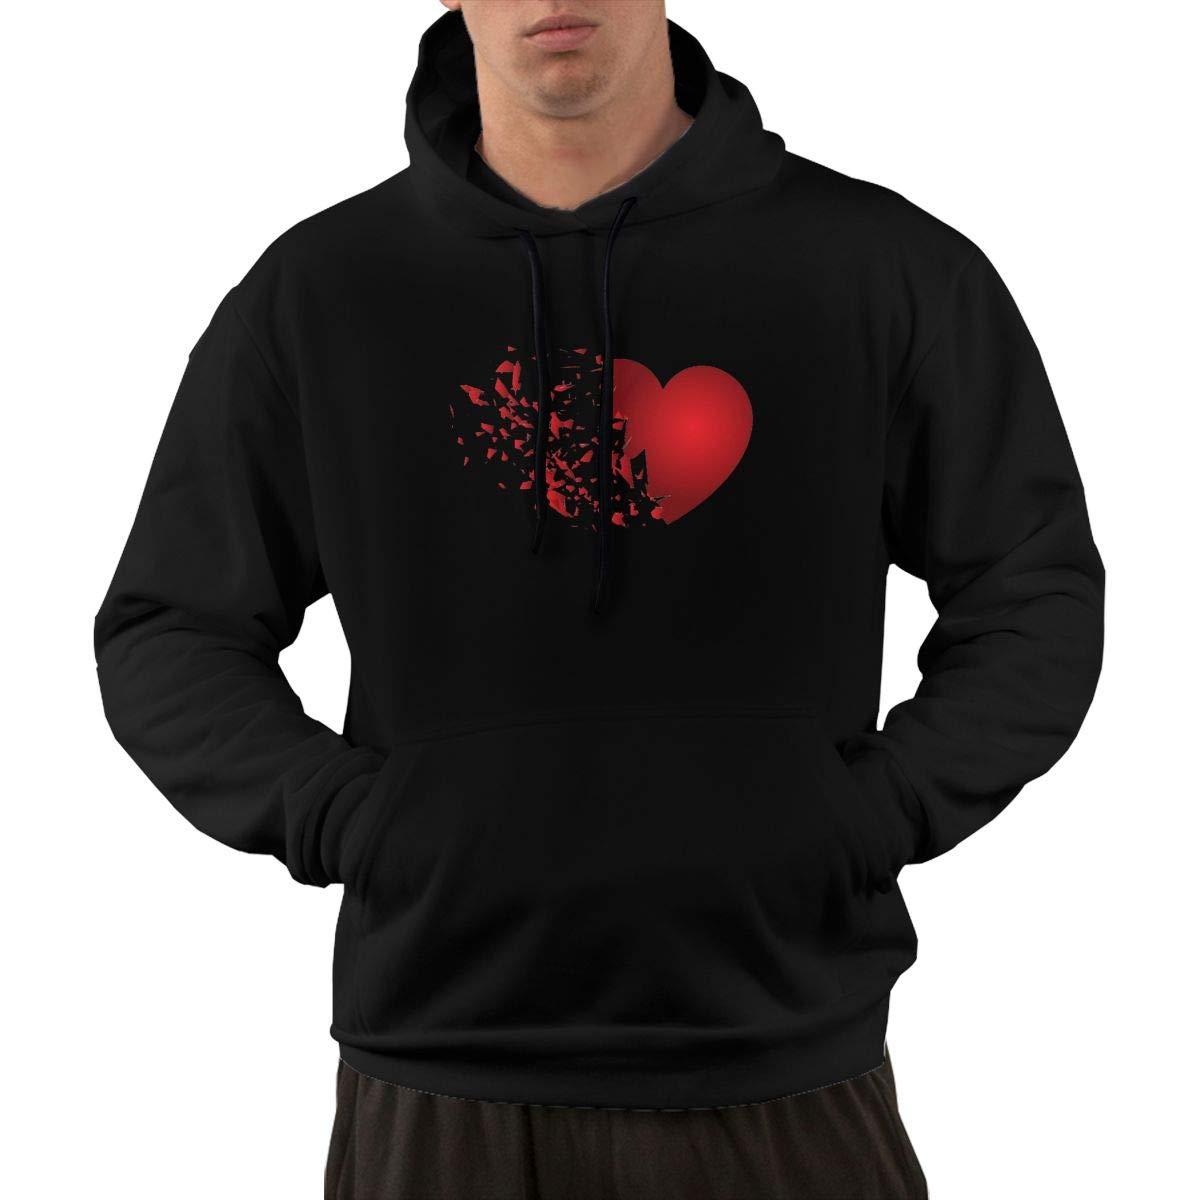 VANMASS Mens Heart Broken Long Sleeve Pullover Hooded Sweatshirt